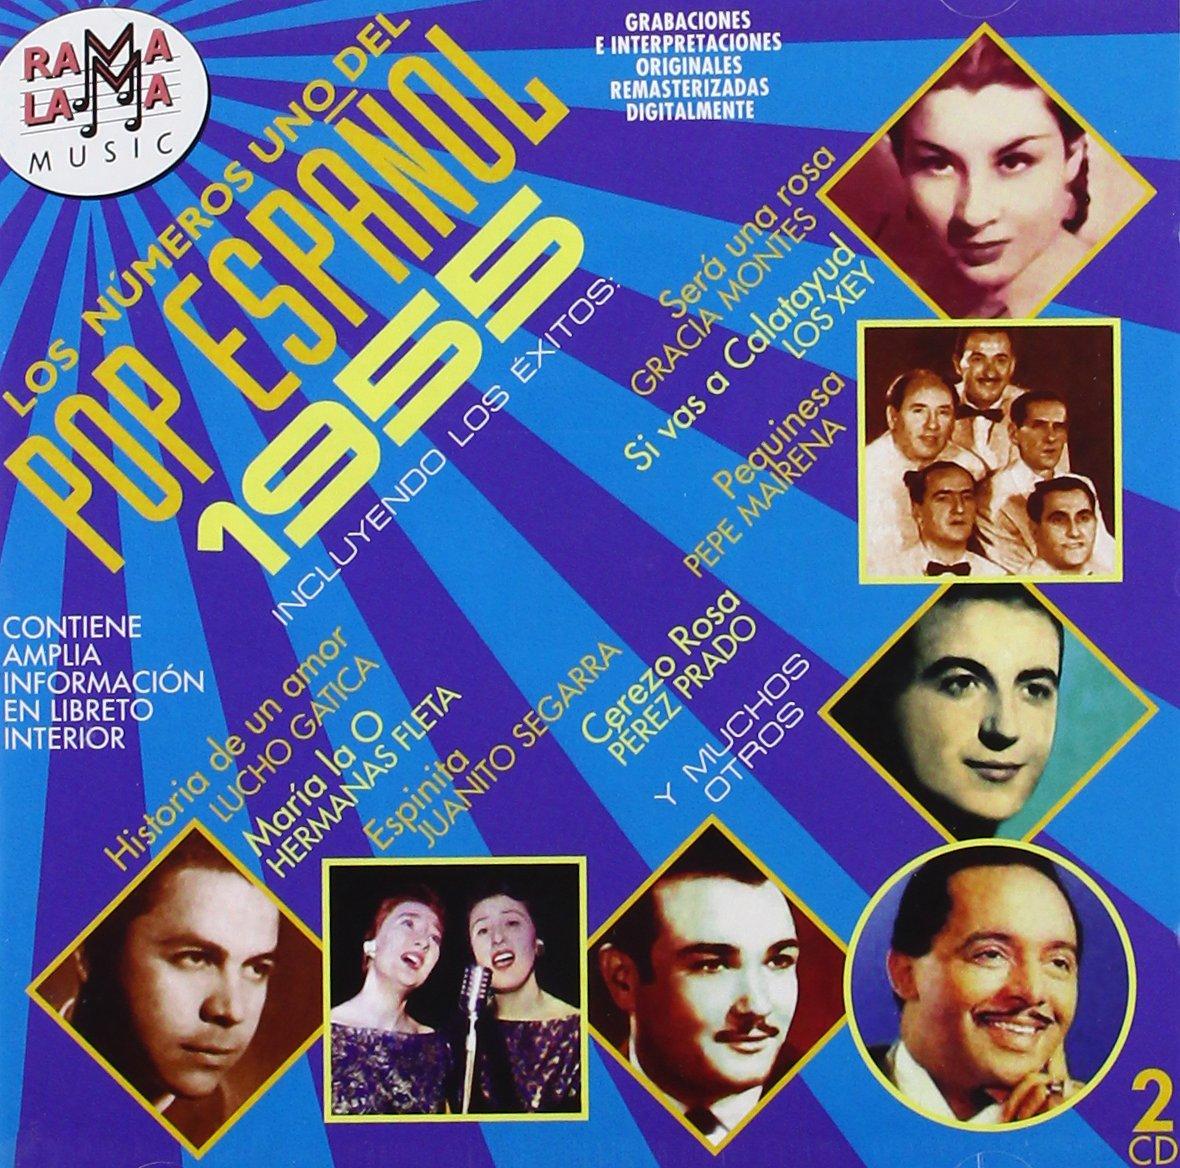 Los Numeros Uno Del Pop Espanol 1955 - Los Numeros 1 Del Pop Espanol 1955 / Various - Amazon.com Music